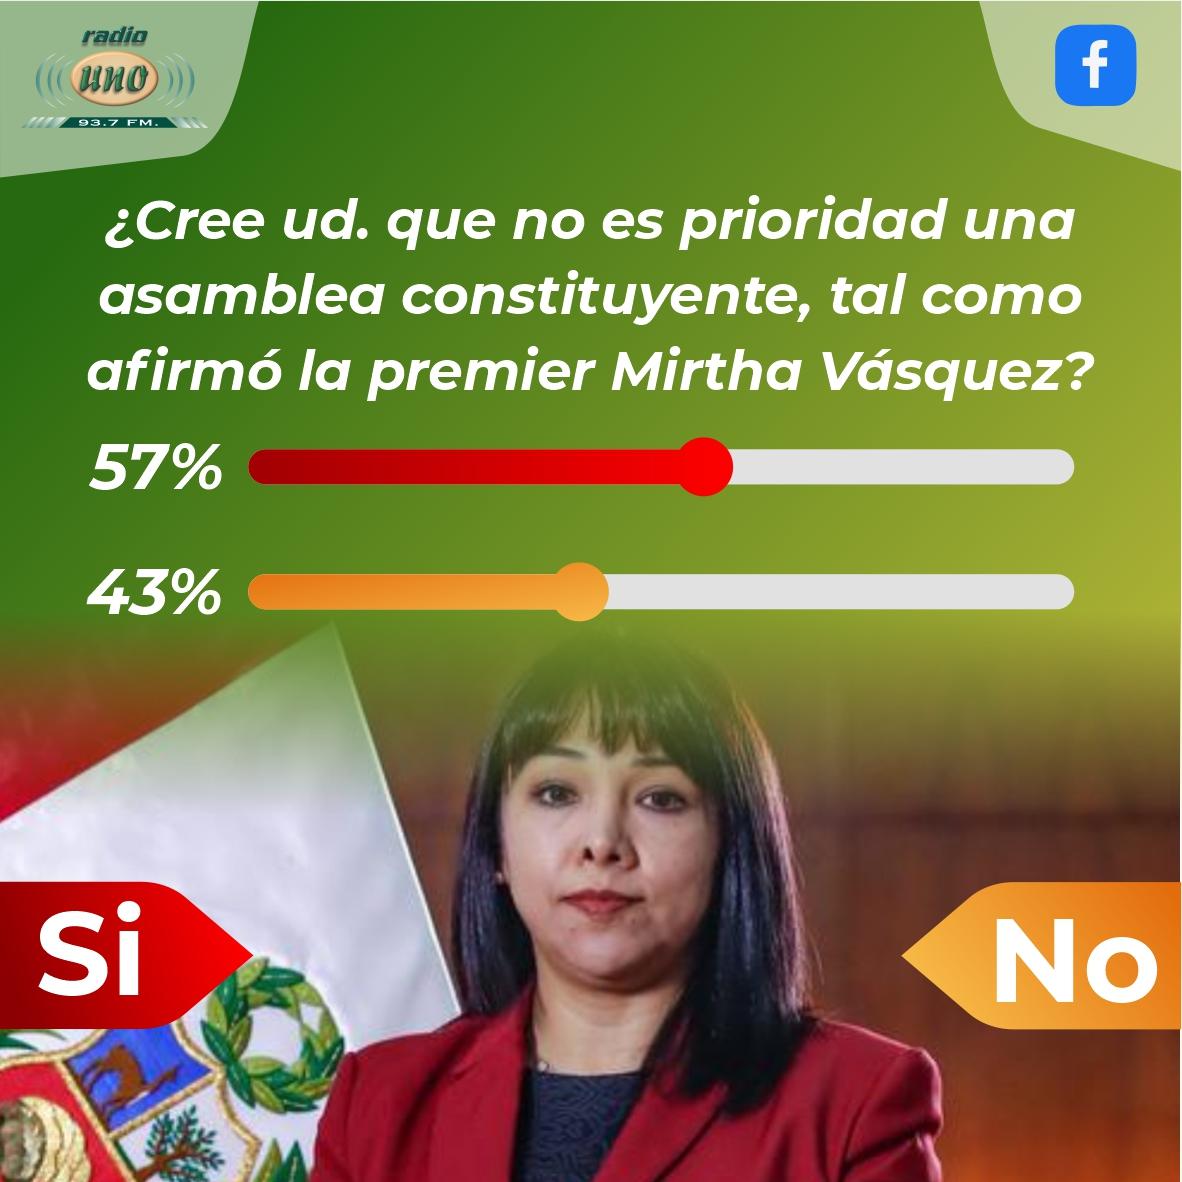 ¿Cree ud. que no es prioridad una asamblea constituyente, tal como afirmó la premier Mirtha Vásquez?